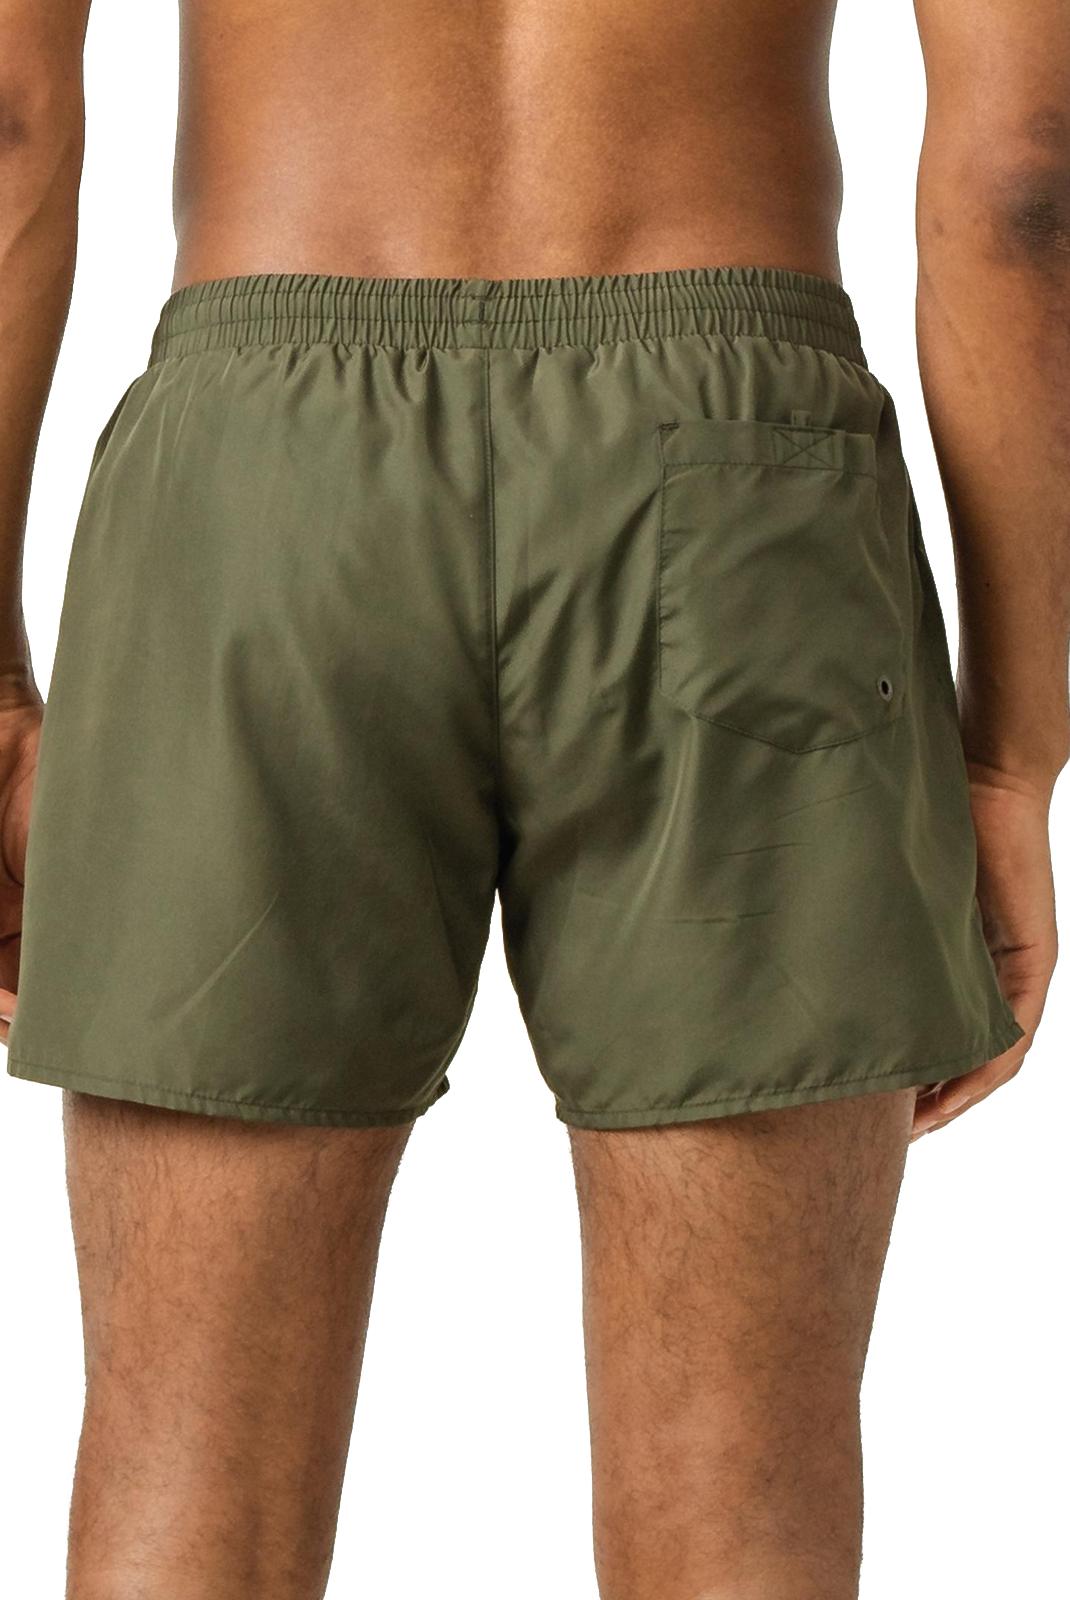 Shorts de bain  Emporio armani 211746 9P424 1781 MILITARY GREEN